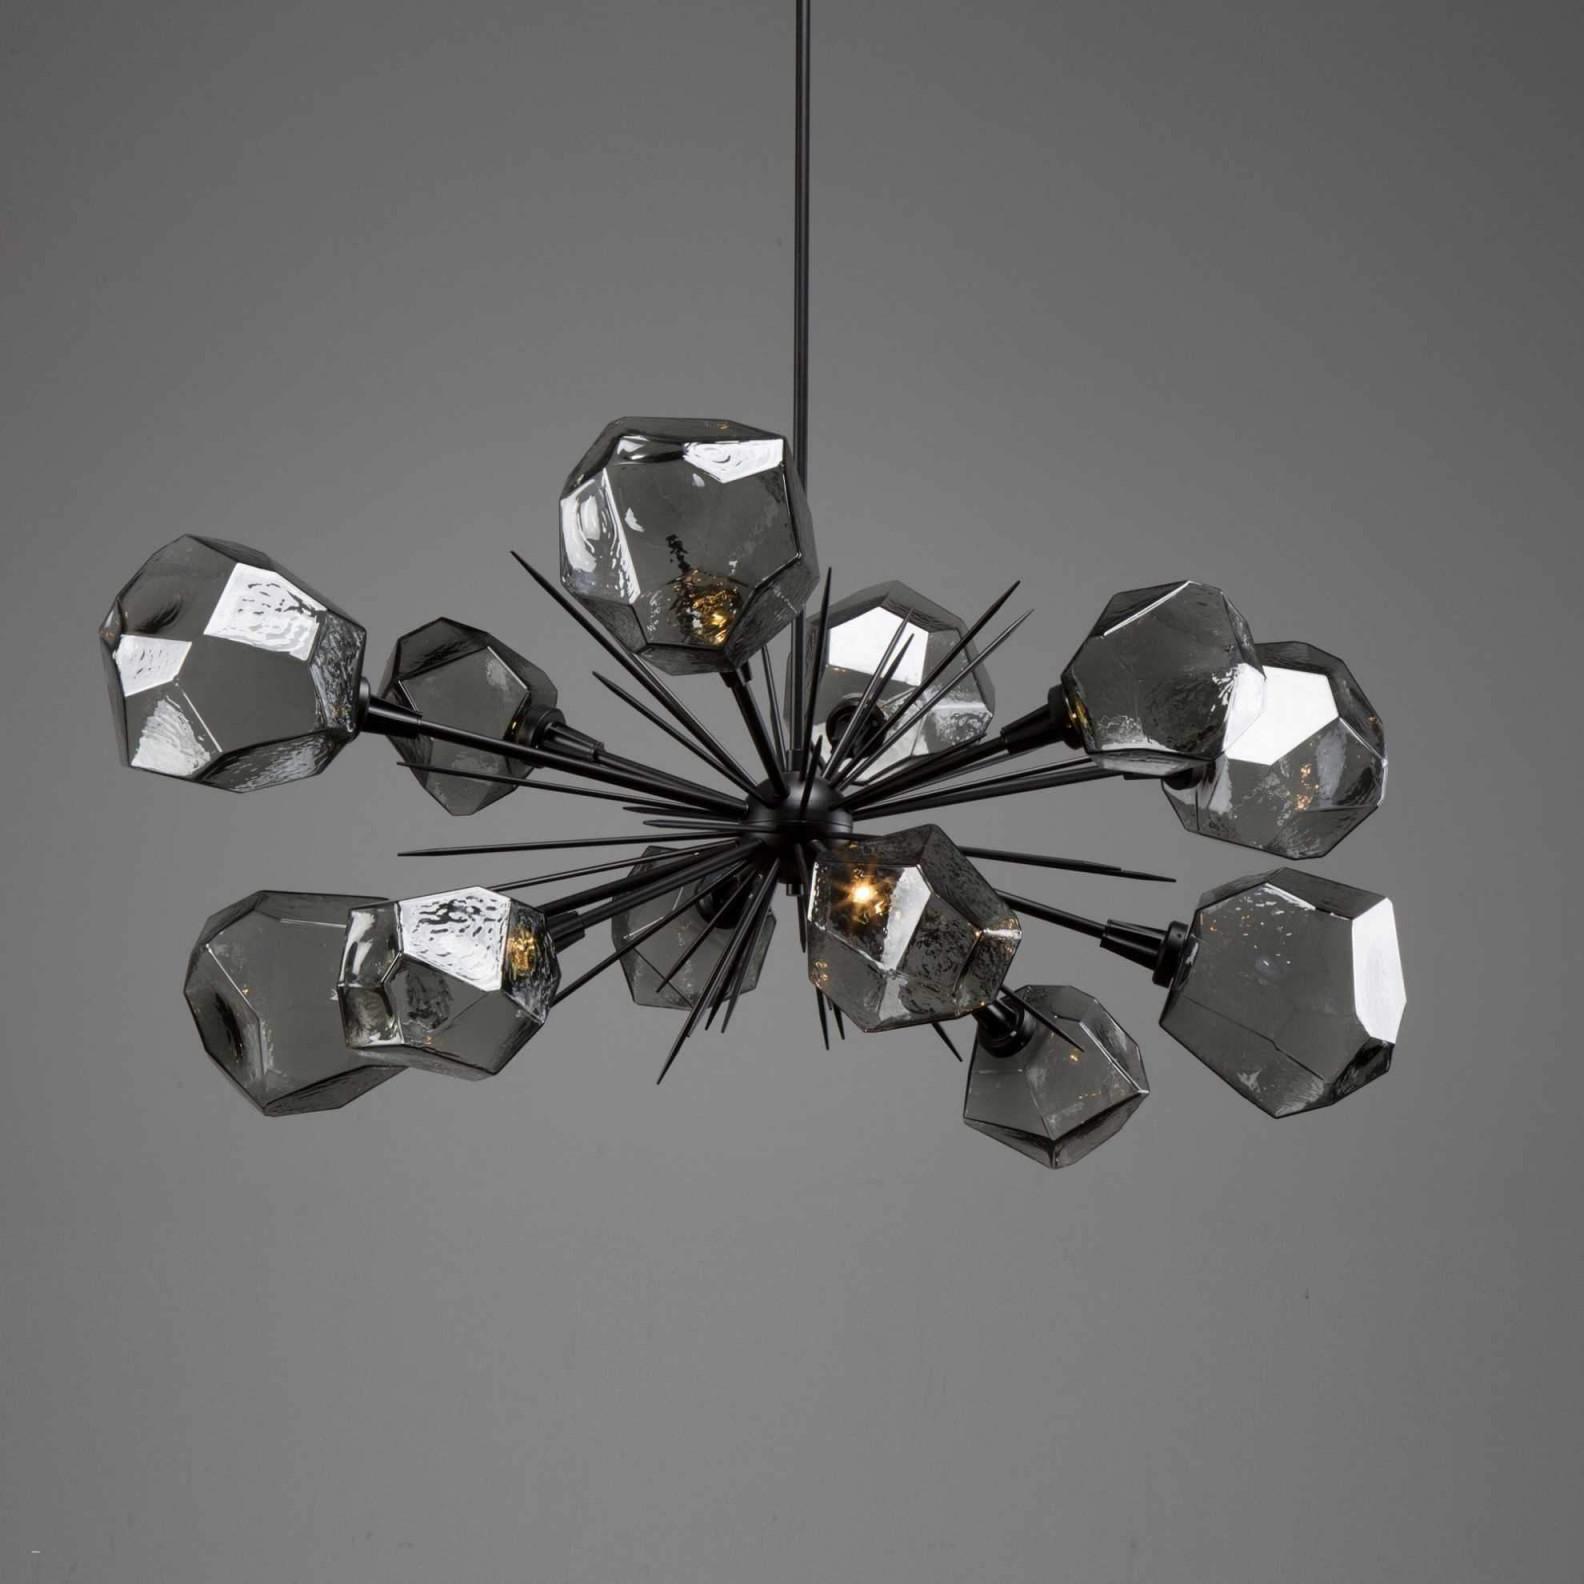 Lampen Wohnzimmer Design Luxus 37 Oben Von Von Led von Wohnzimmer Lampe Design Bild